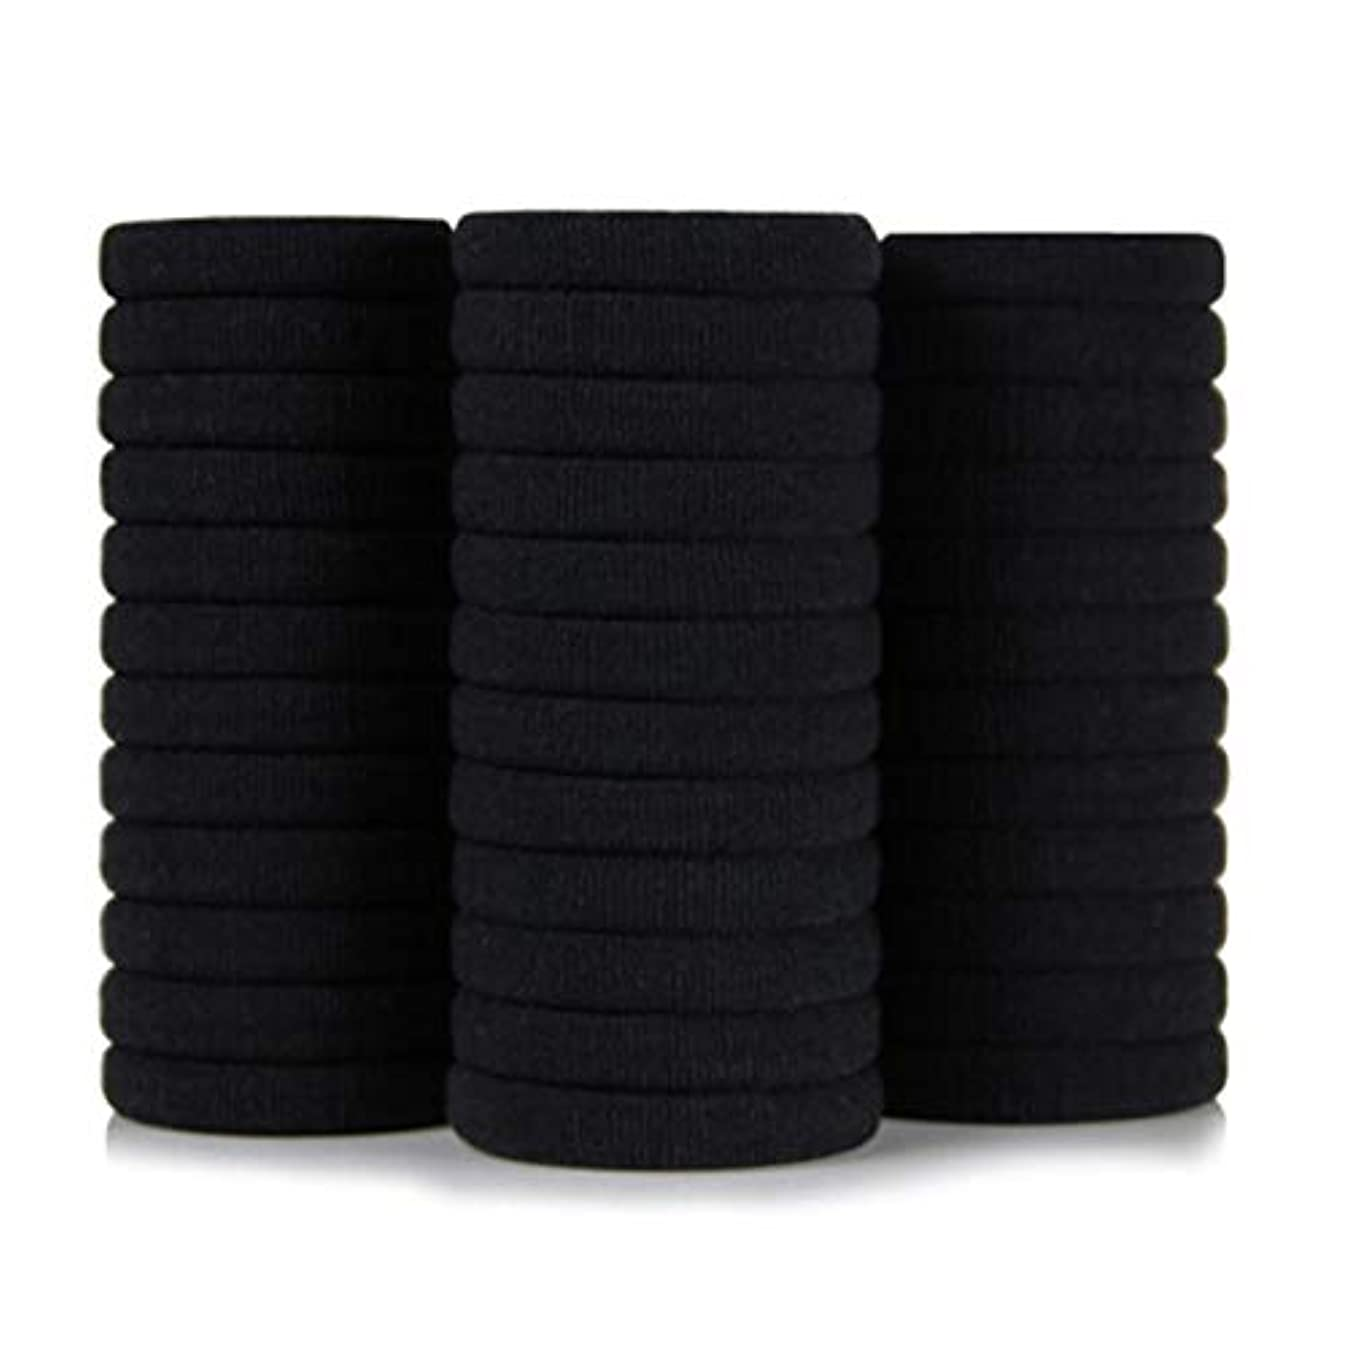 炭素レビュアー発音黒高弾性シームレスナイロンヘアリングヘアロープ36ロードラバーバンド、ヘッドロープ、帽子ネクタイヘアポニーテール (Color : Black, Size : 3.4*4cm)